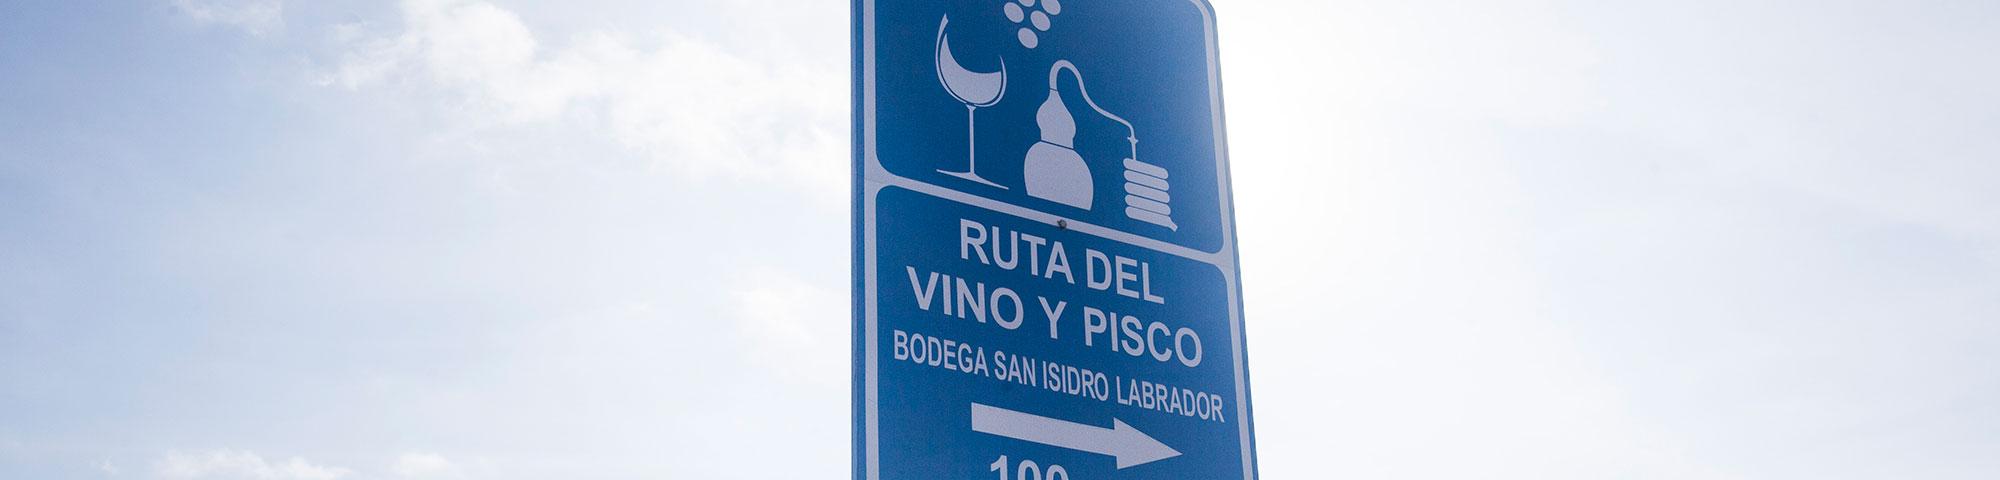 Ruta del Pisco y Vino